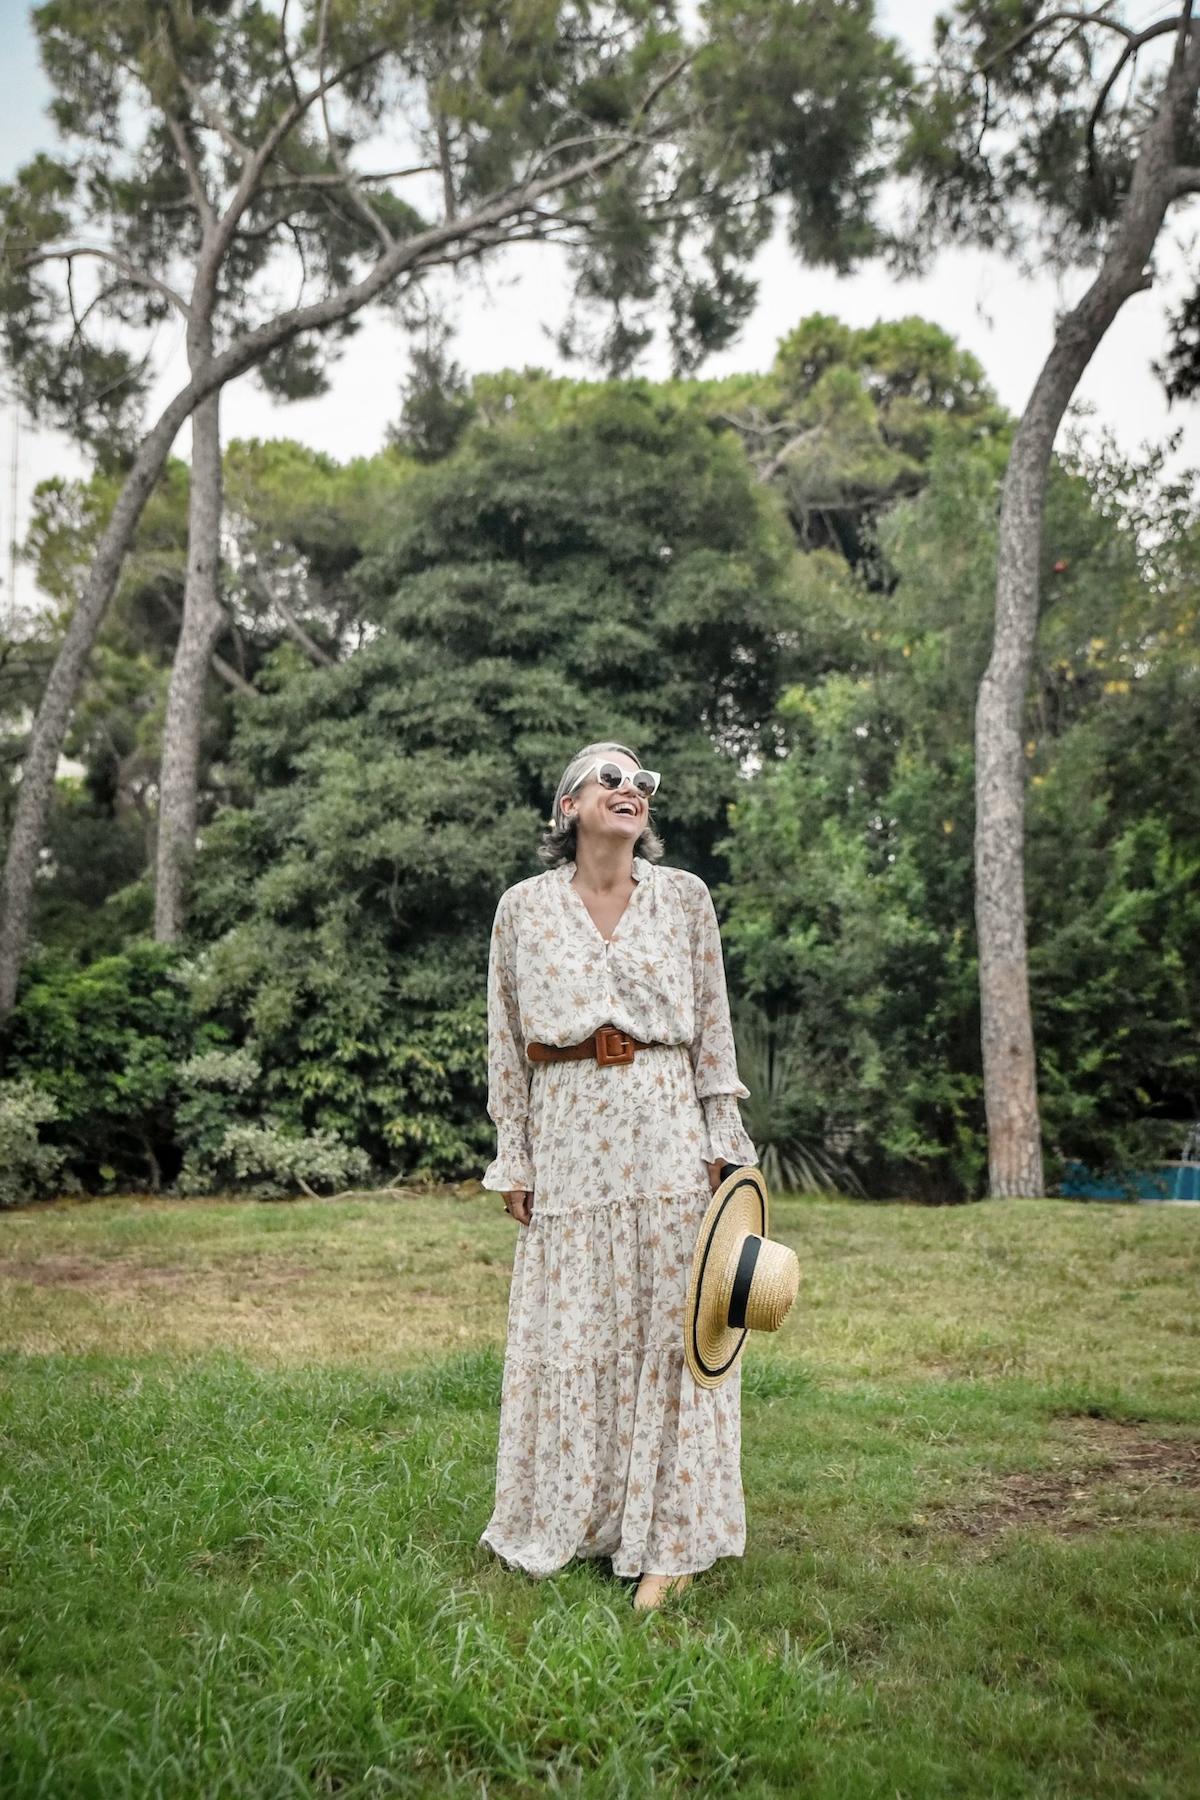 גן מניה שוחט שמלת מקסי פרחונית גולף שירי ויצנר בלוג חיפאית6